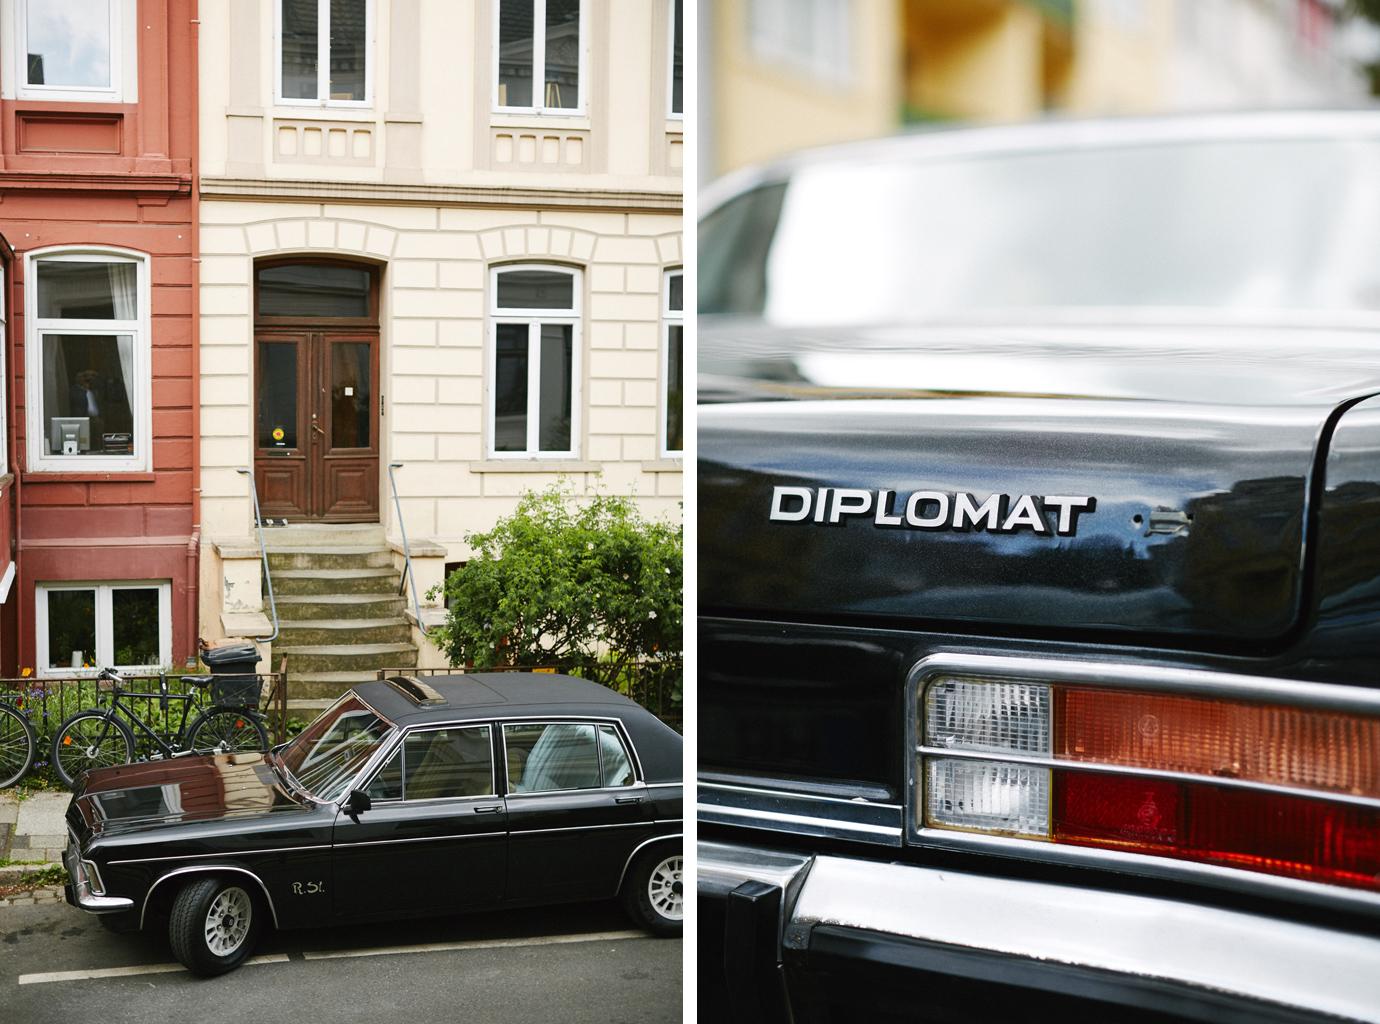 hochzeitsauto opel diplomat